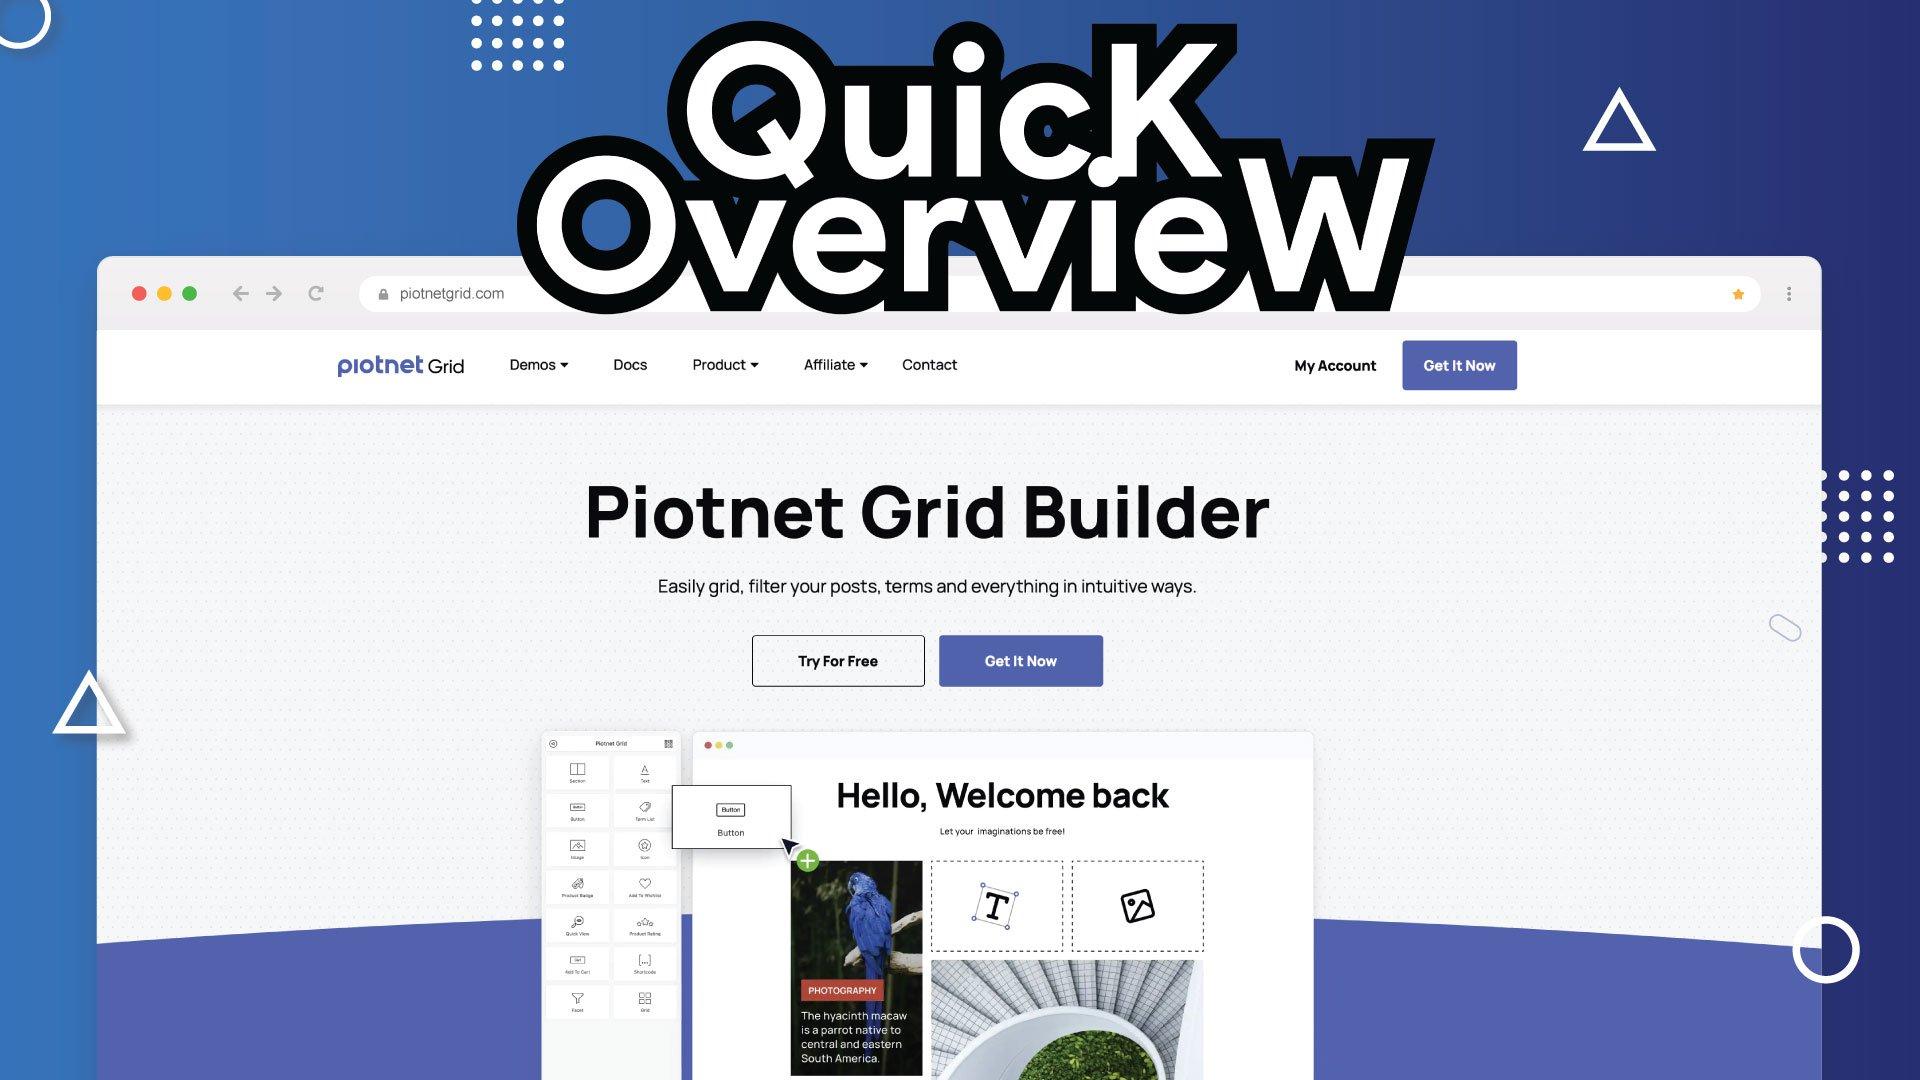 PiotnetGrid Overview